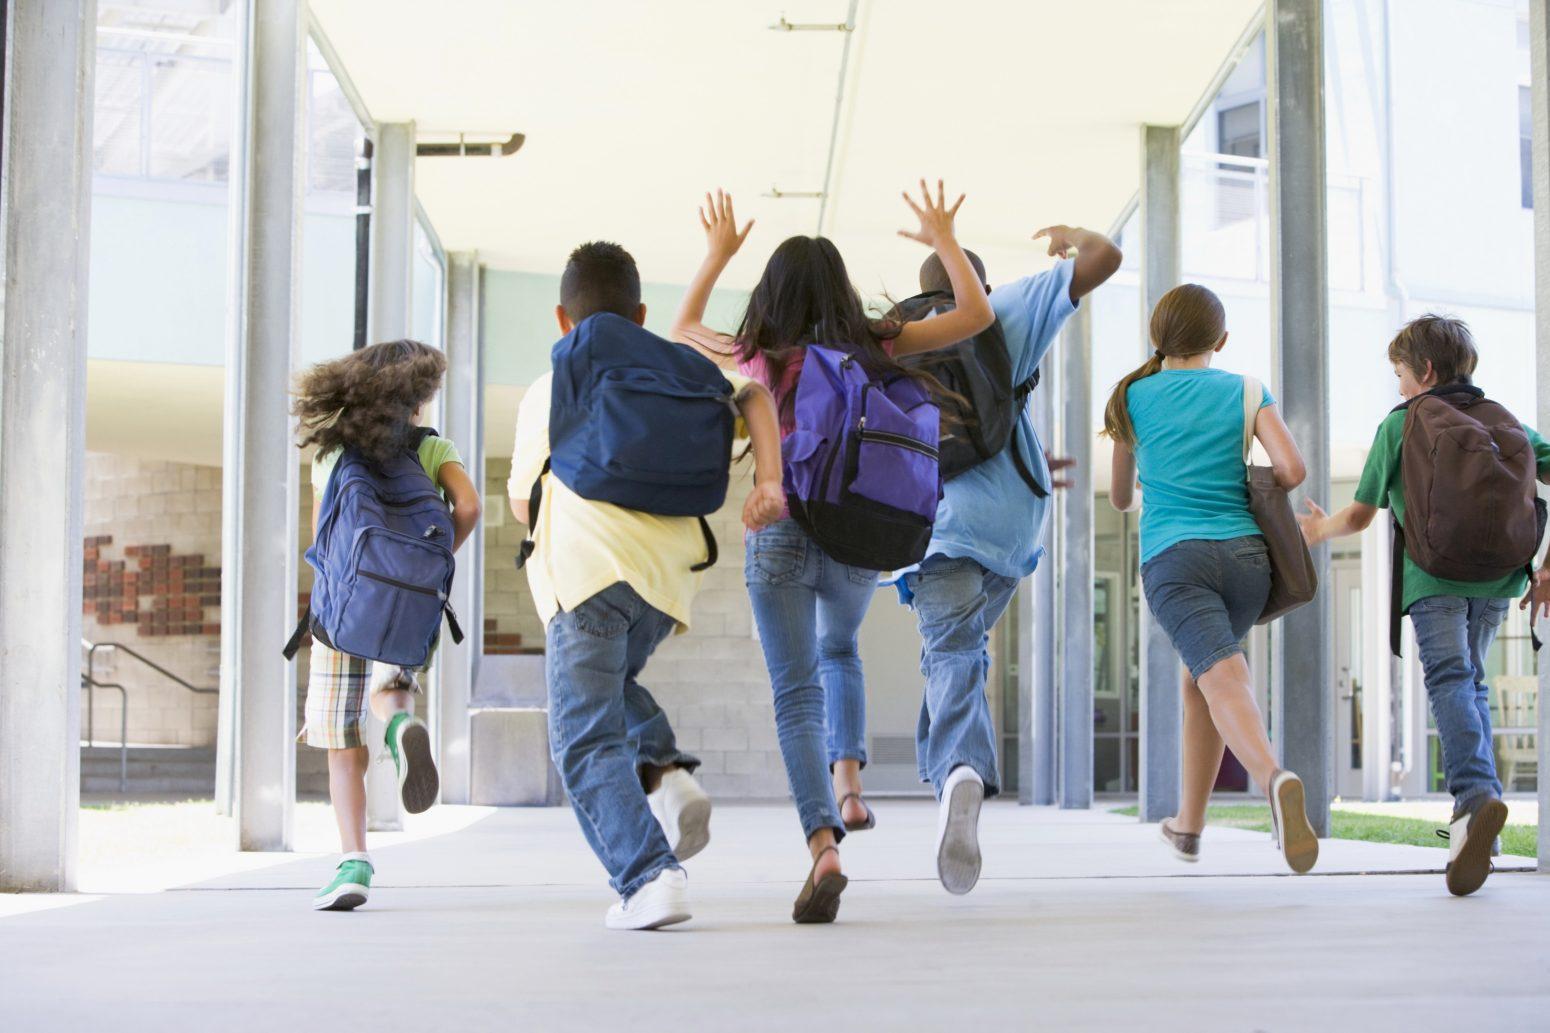 Проводим школьные каникулы с пользой